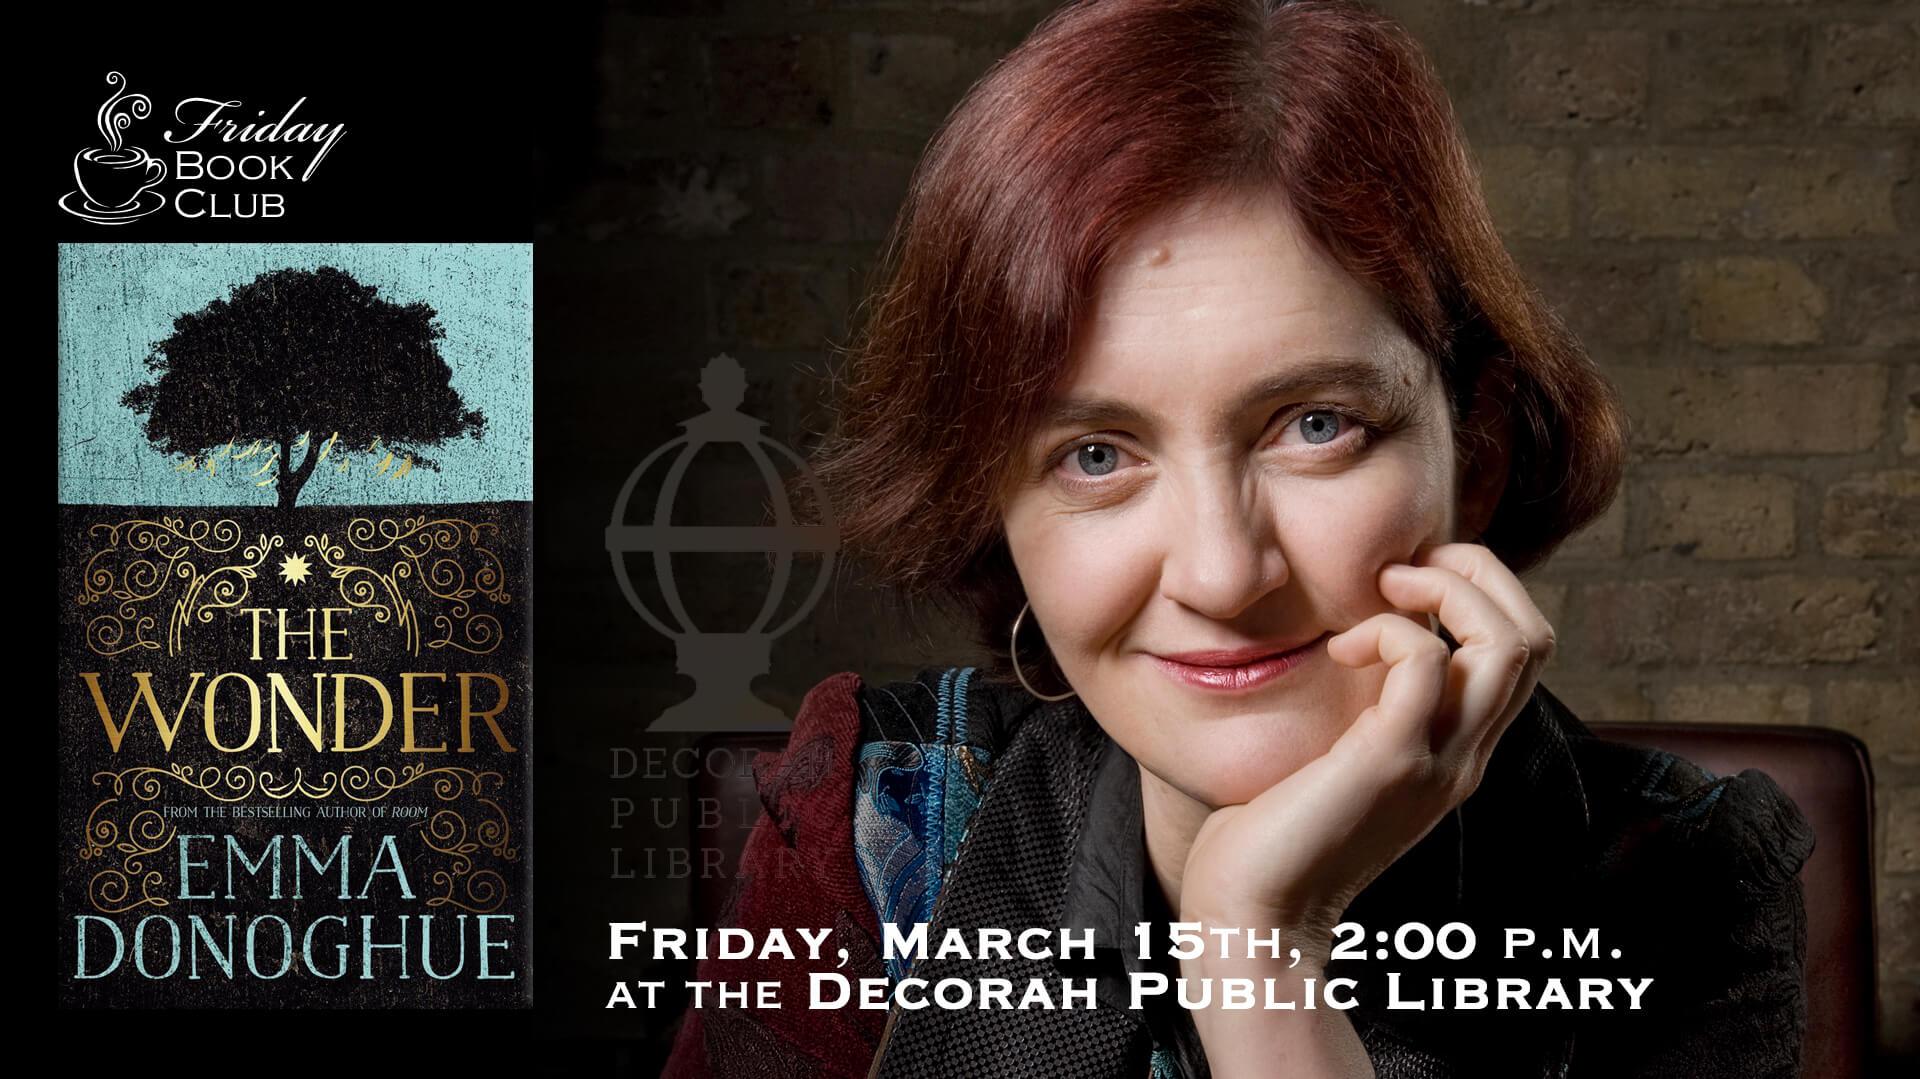 Friday Book Club March 15